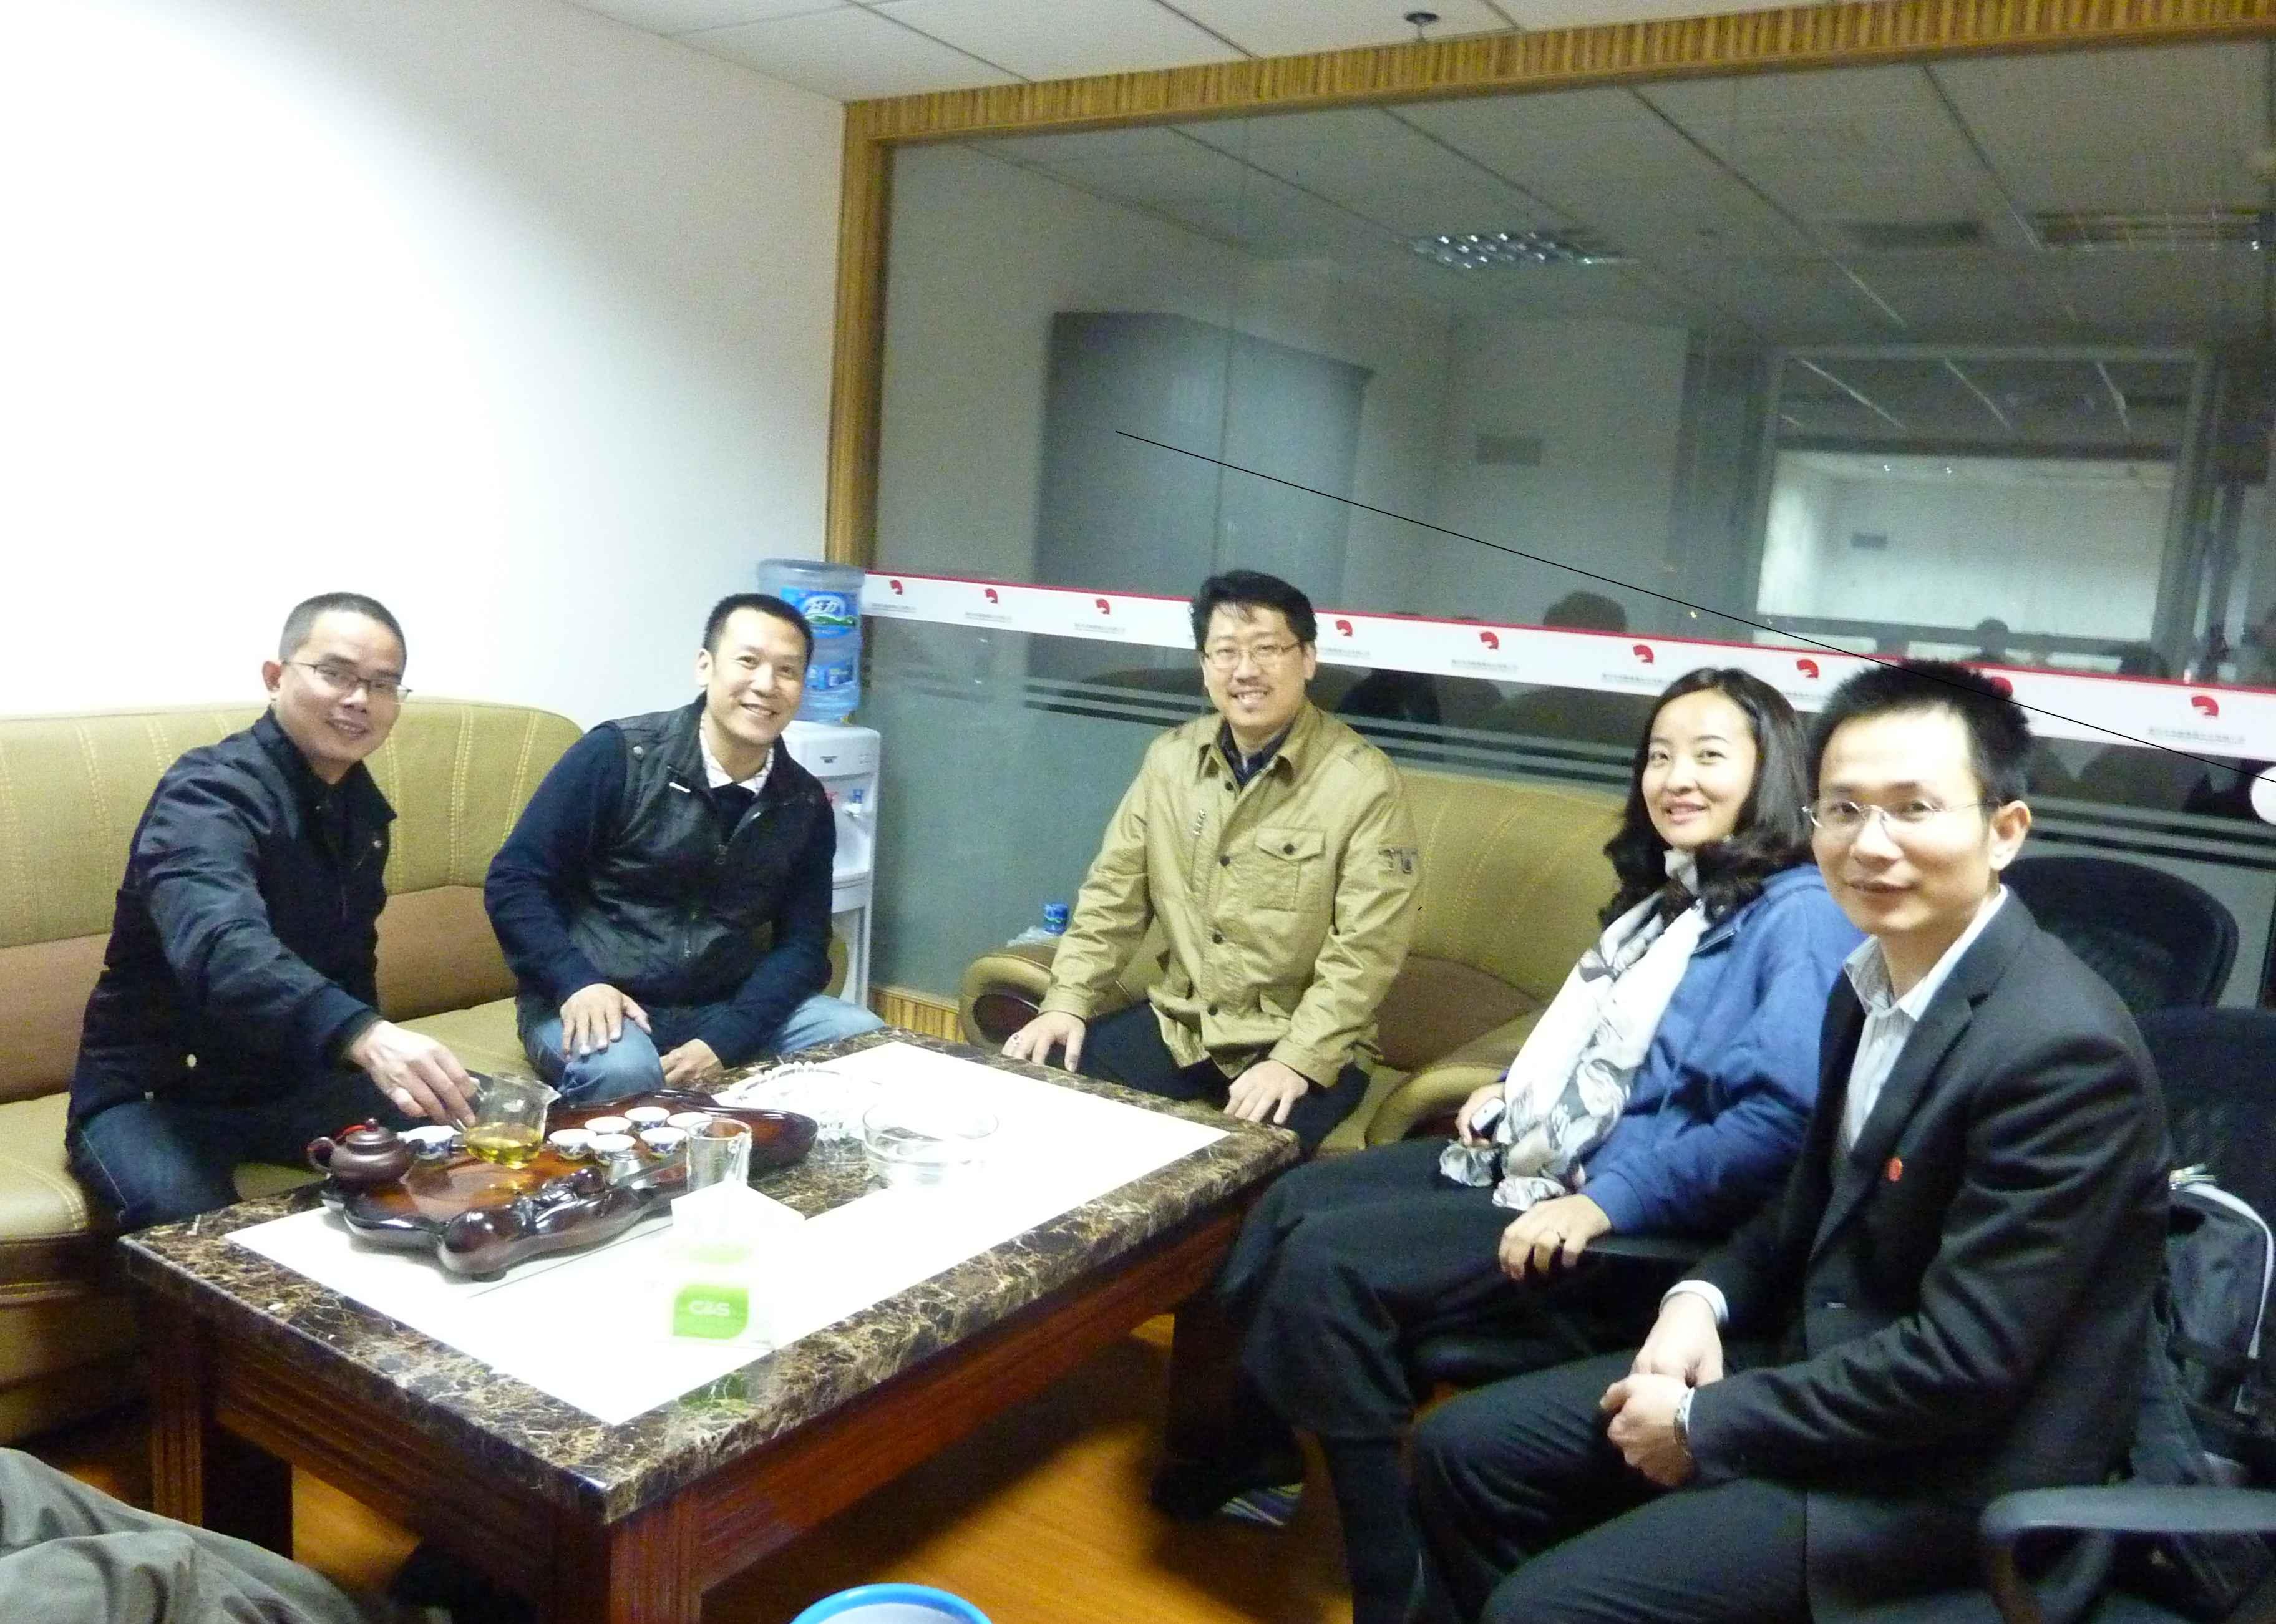 中国朋友的热情,以茶会友、与我的关系于师于友,论《道》谈《易》、遨游宽阔的学海中,乐在其中. Master Soon and A few Students in China Who Are Interested in Feng Shui.